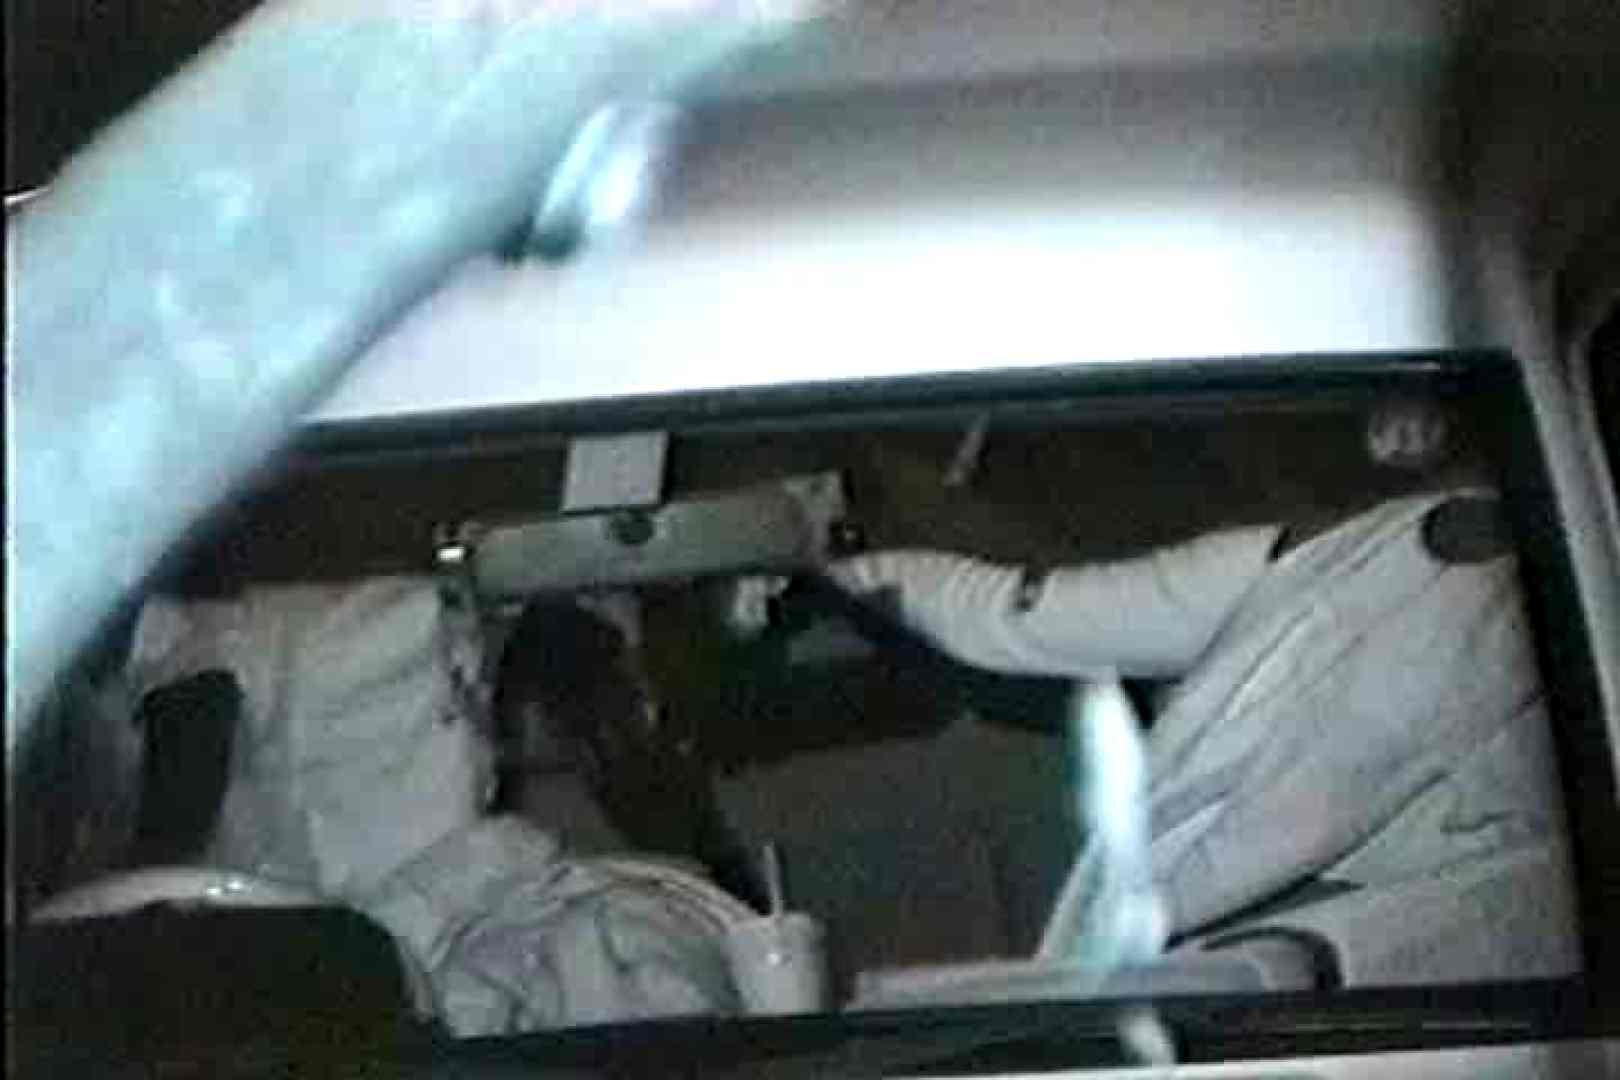 車の中はラブホテル 無修正版  Vol.8 人気シリーズ 盗み撮り動画キャプチャ 68連発 38